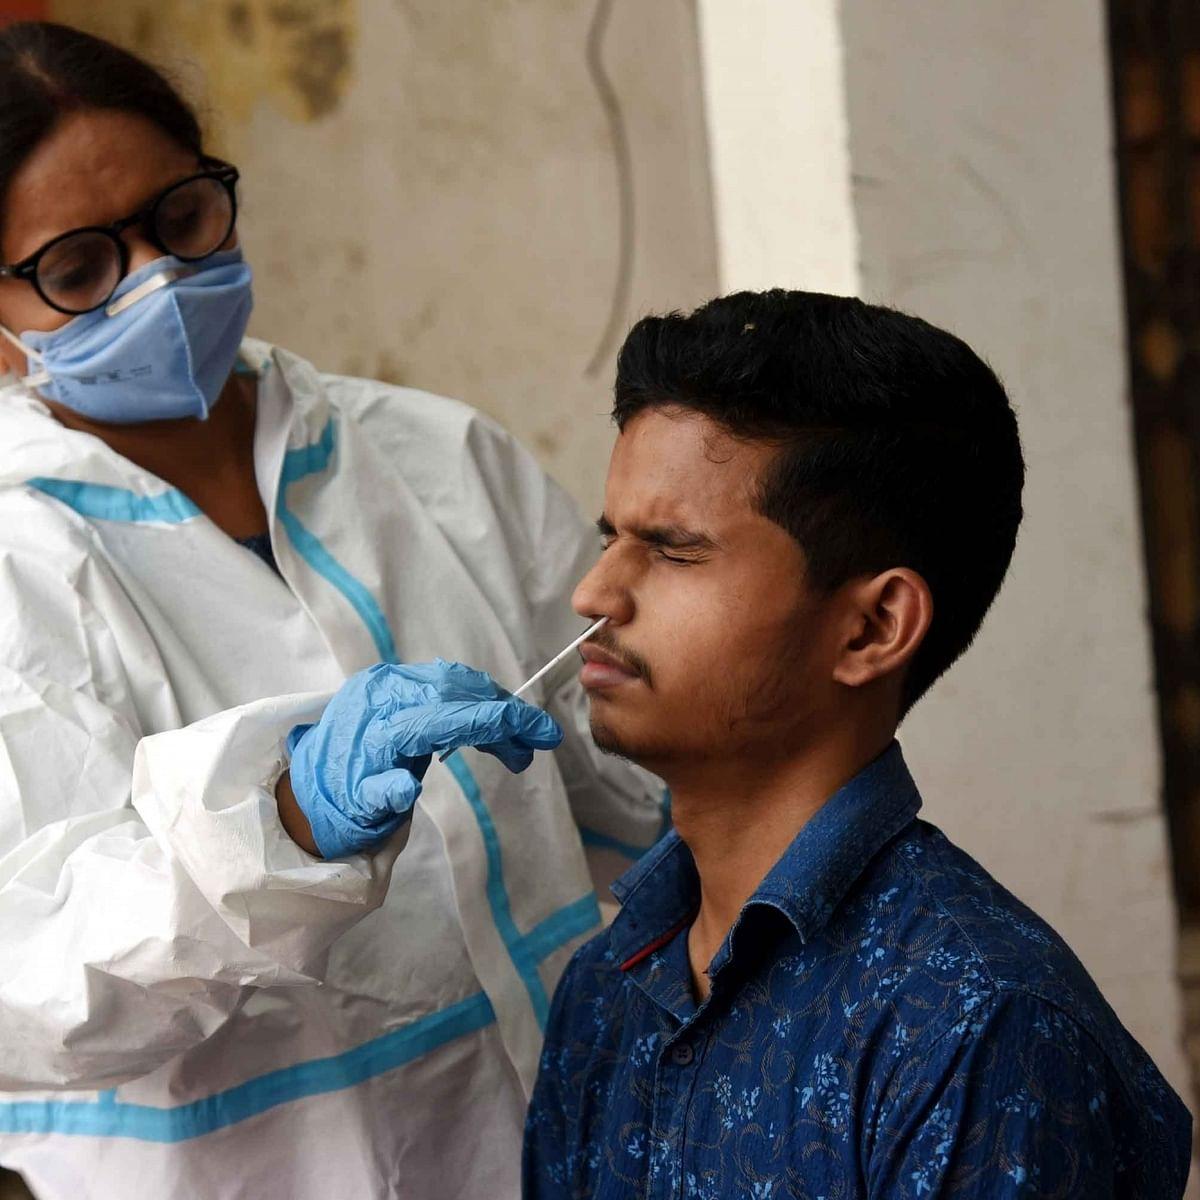 उत्तराखंड में कोरोना : 1233 नए संक्रमित शनिवार को मिले , तीन रोगियों की मृत्यु हो गई